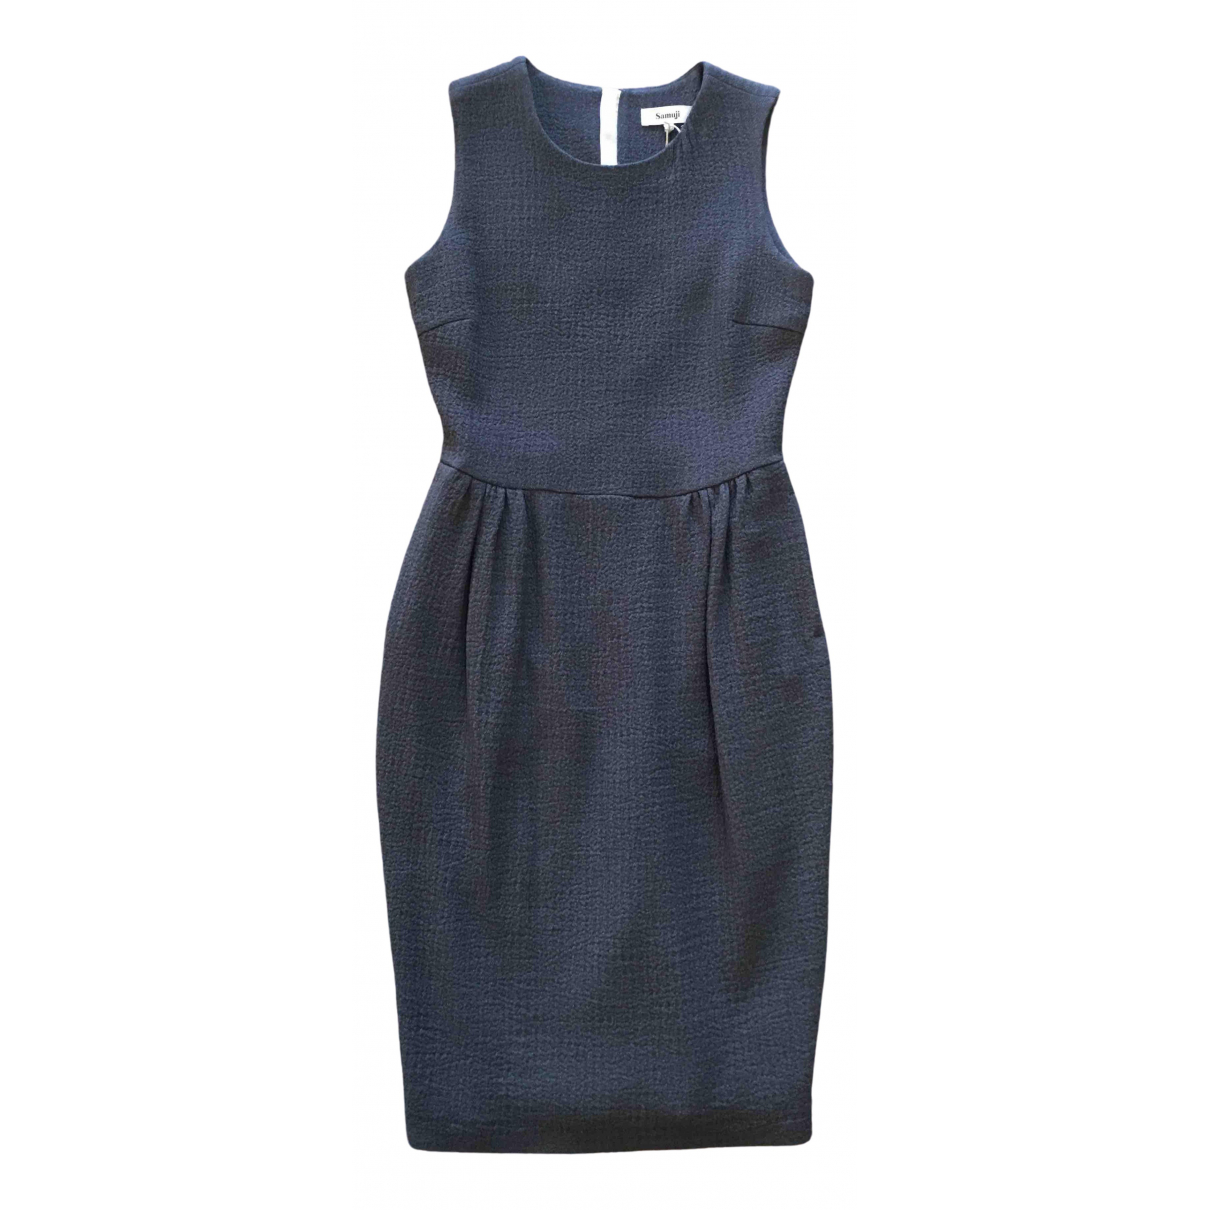 Samuji \N Kleid in  Grau Wolle